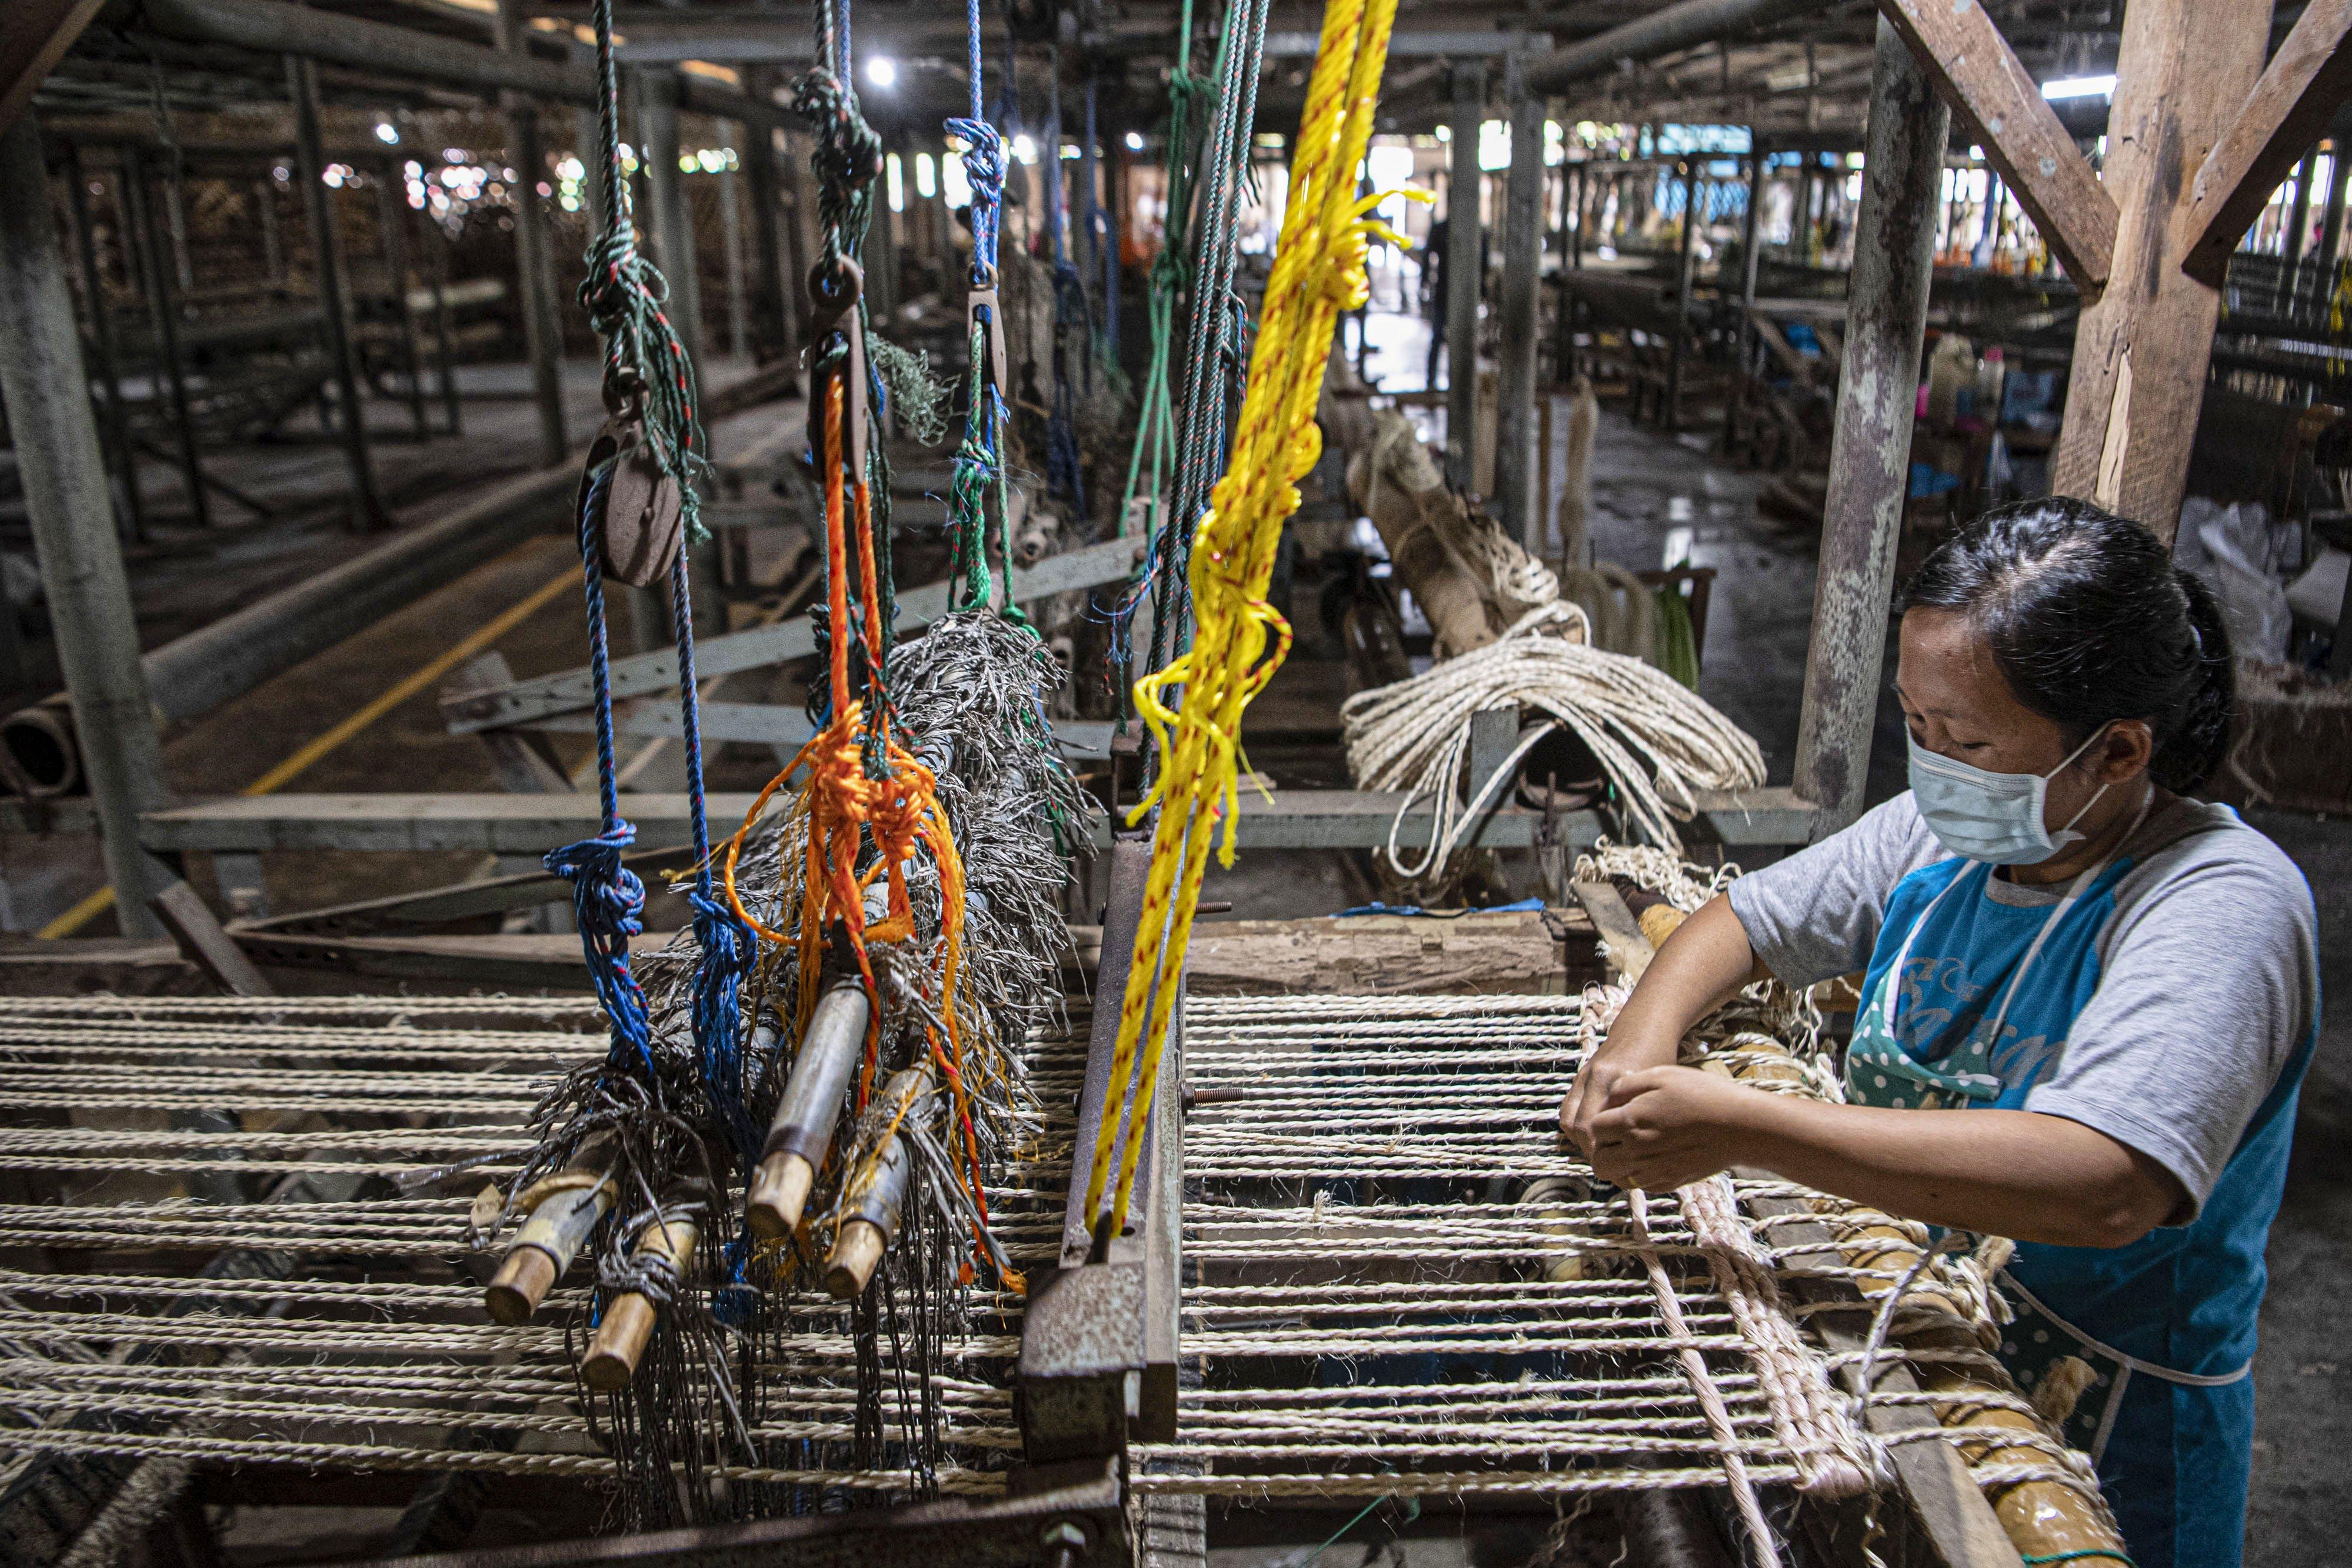 Sejumlah pekerja menganyam pintalan benang dari serat pohon pisang (abaca fiber) untuk dijadikan karpet di bengkel anyam Djunaedi.\r\n